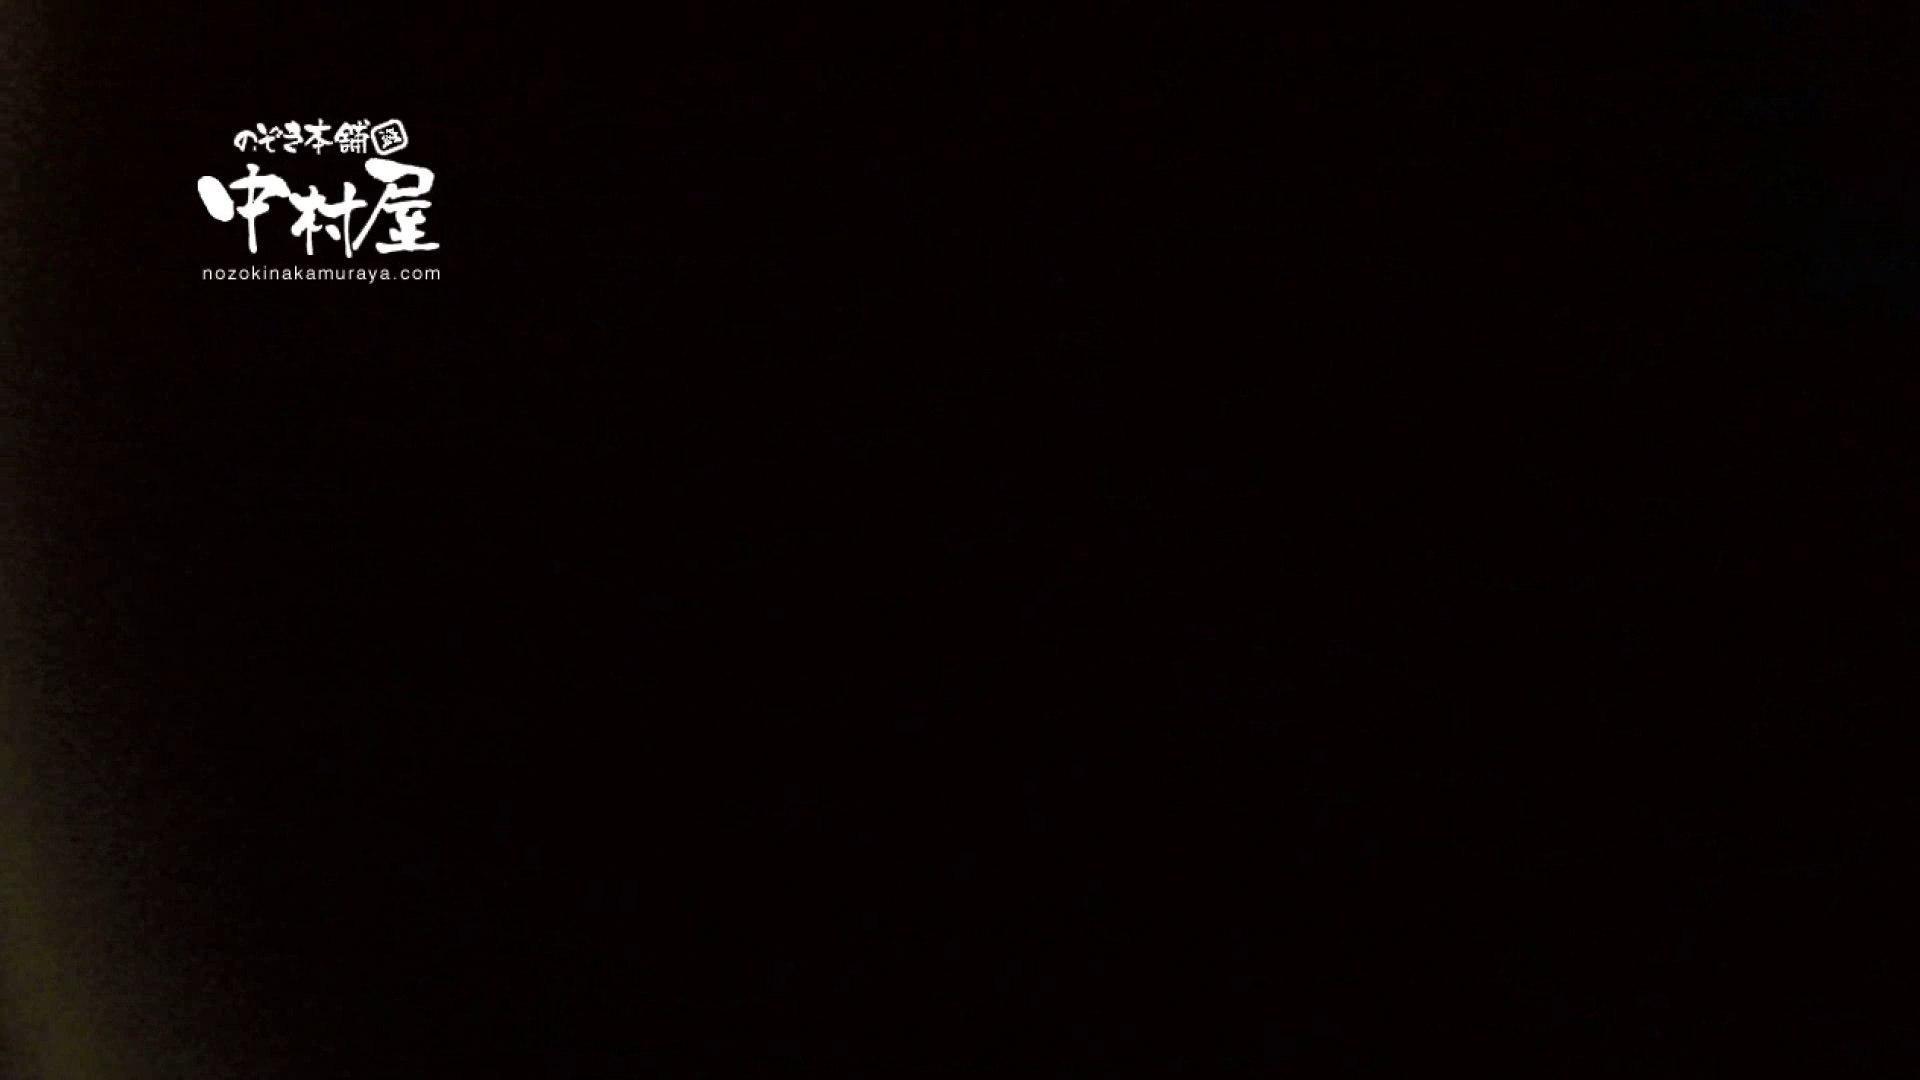 鬼畜 vol.08 極悪!妊娠覚悟の中出し! 前編 中出し | OL女体  49連発 1